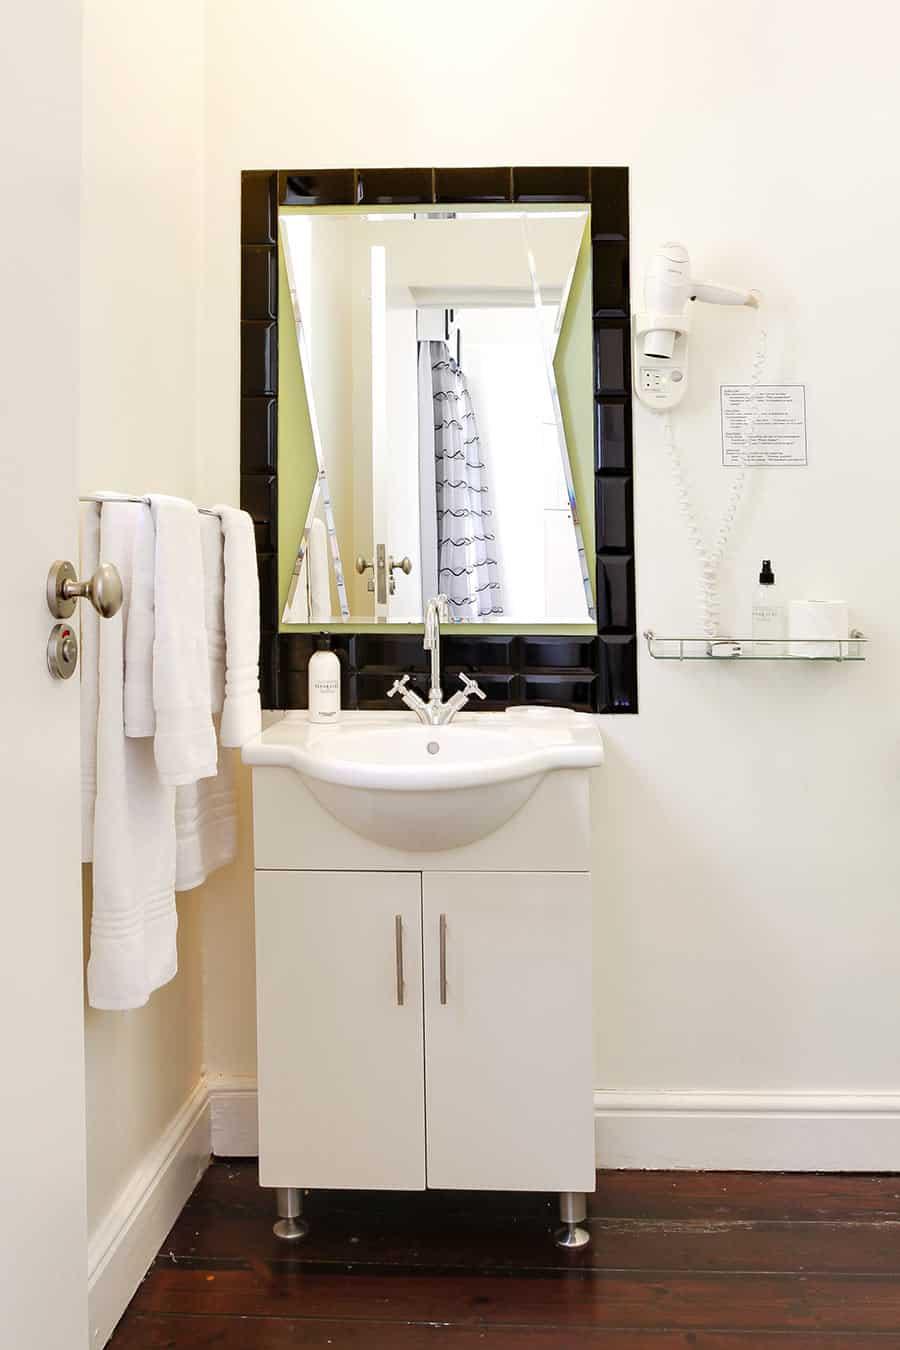 Art Deco bathroom self catering apartment